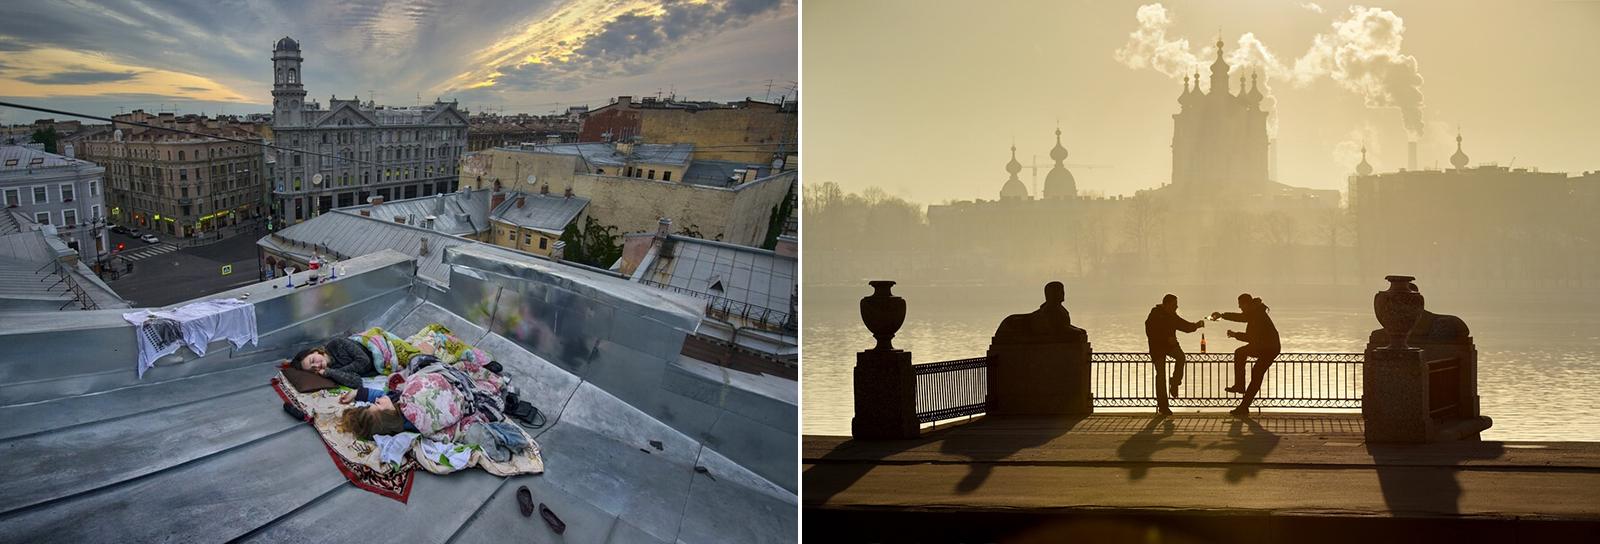 Fotógrafa capta imagens reais da Rússia que não vêm em qualquer catálogo de viagem